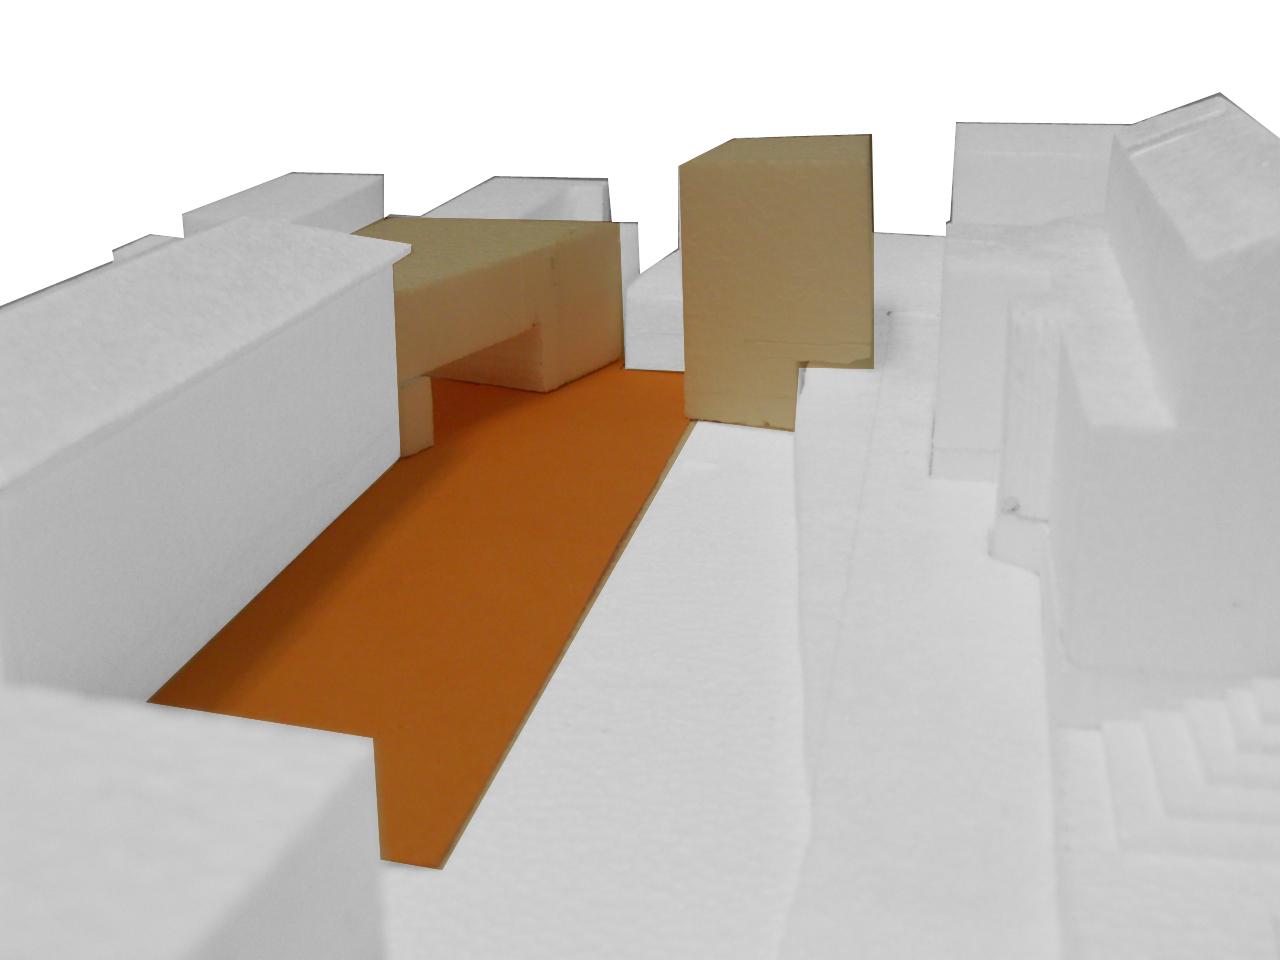 FGSA studio di architettura Cesate centro storico piano di recupero Fabrizio Guccione architetto Milano urban planning disegno urbano